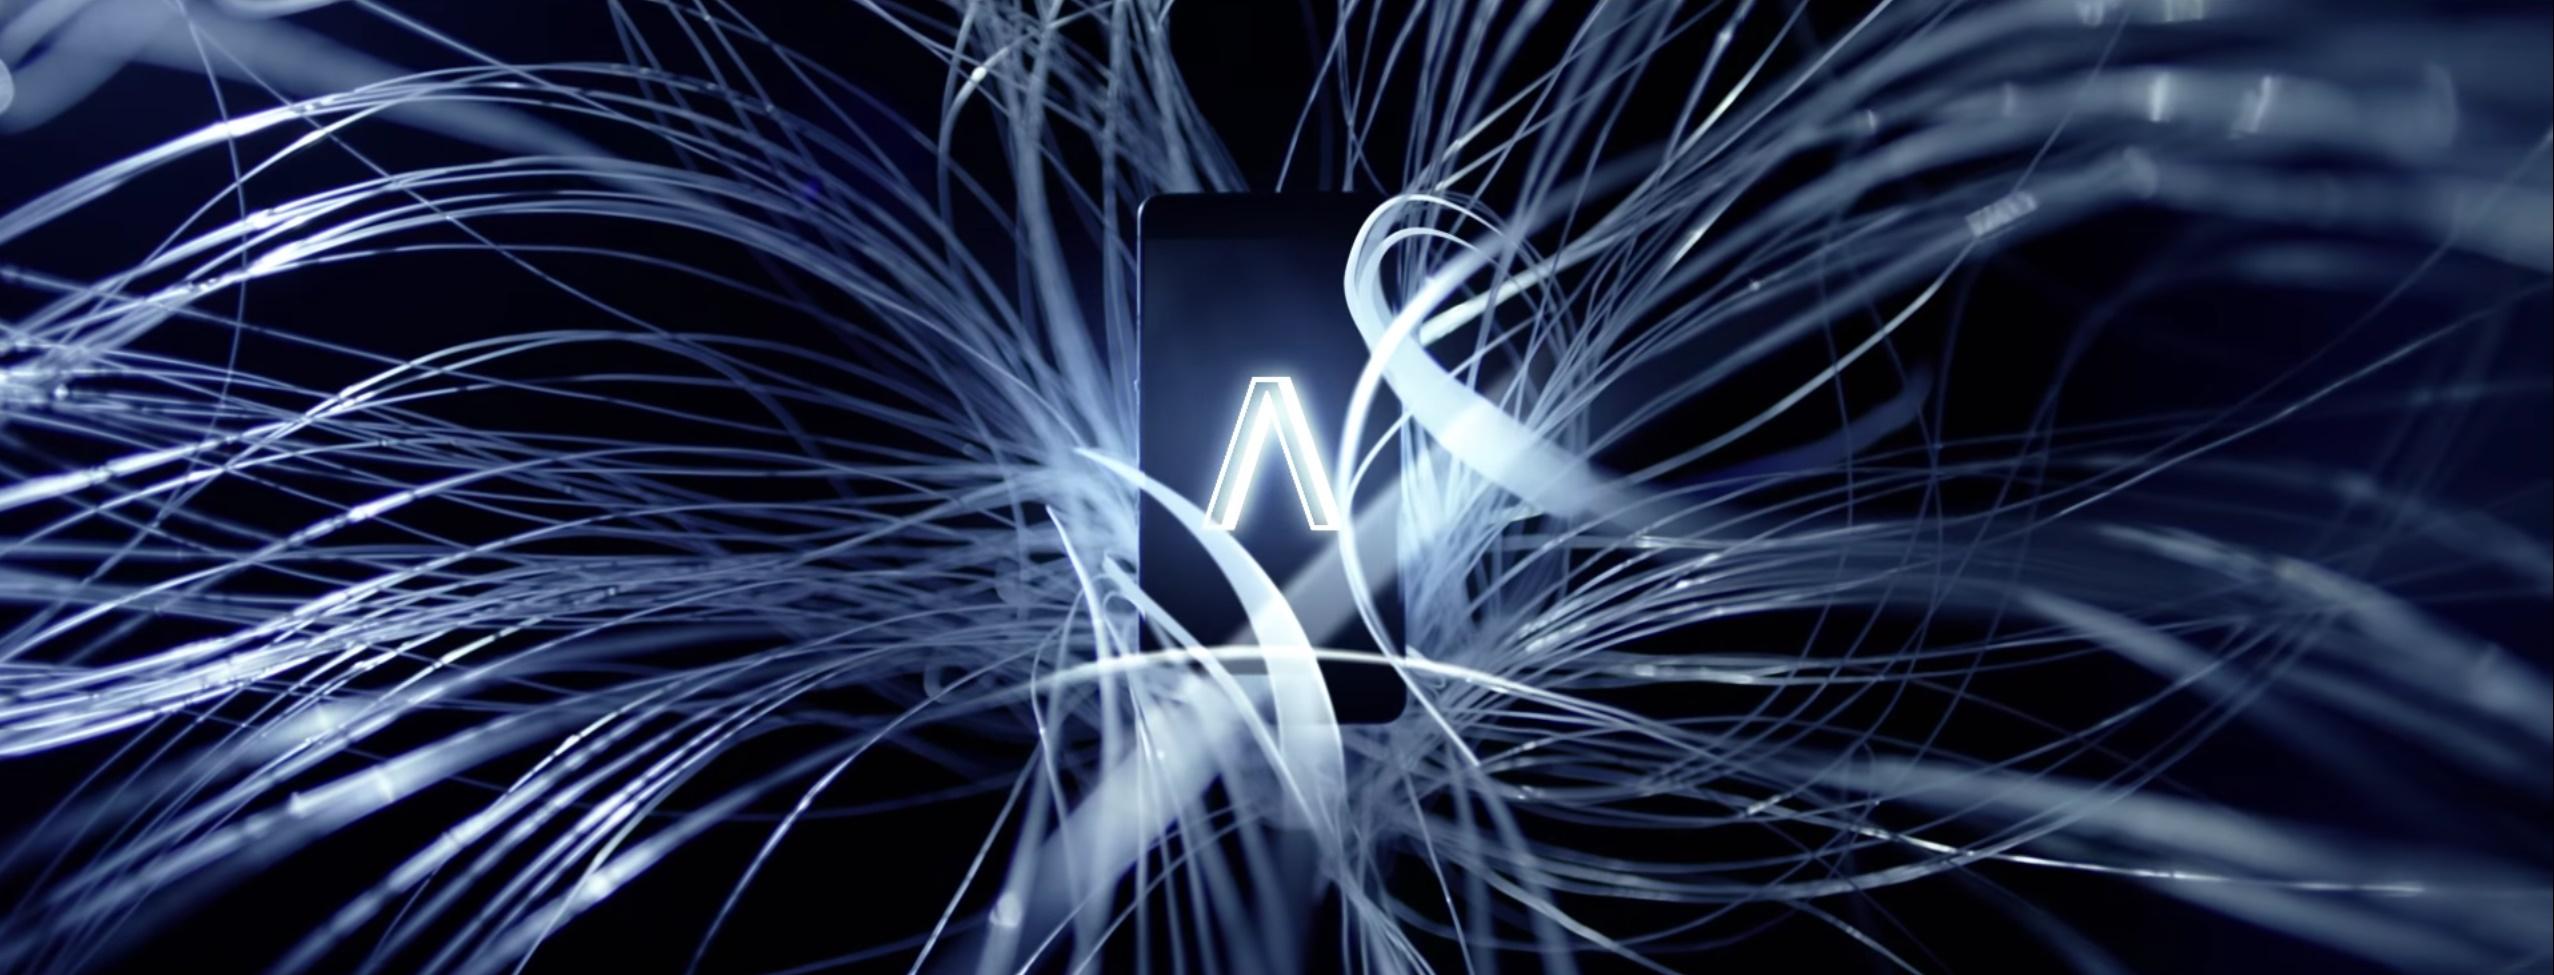 Asus prépare son CES 2017, il est question d'un ZenFone AR, mais pas seulement